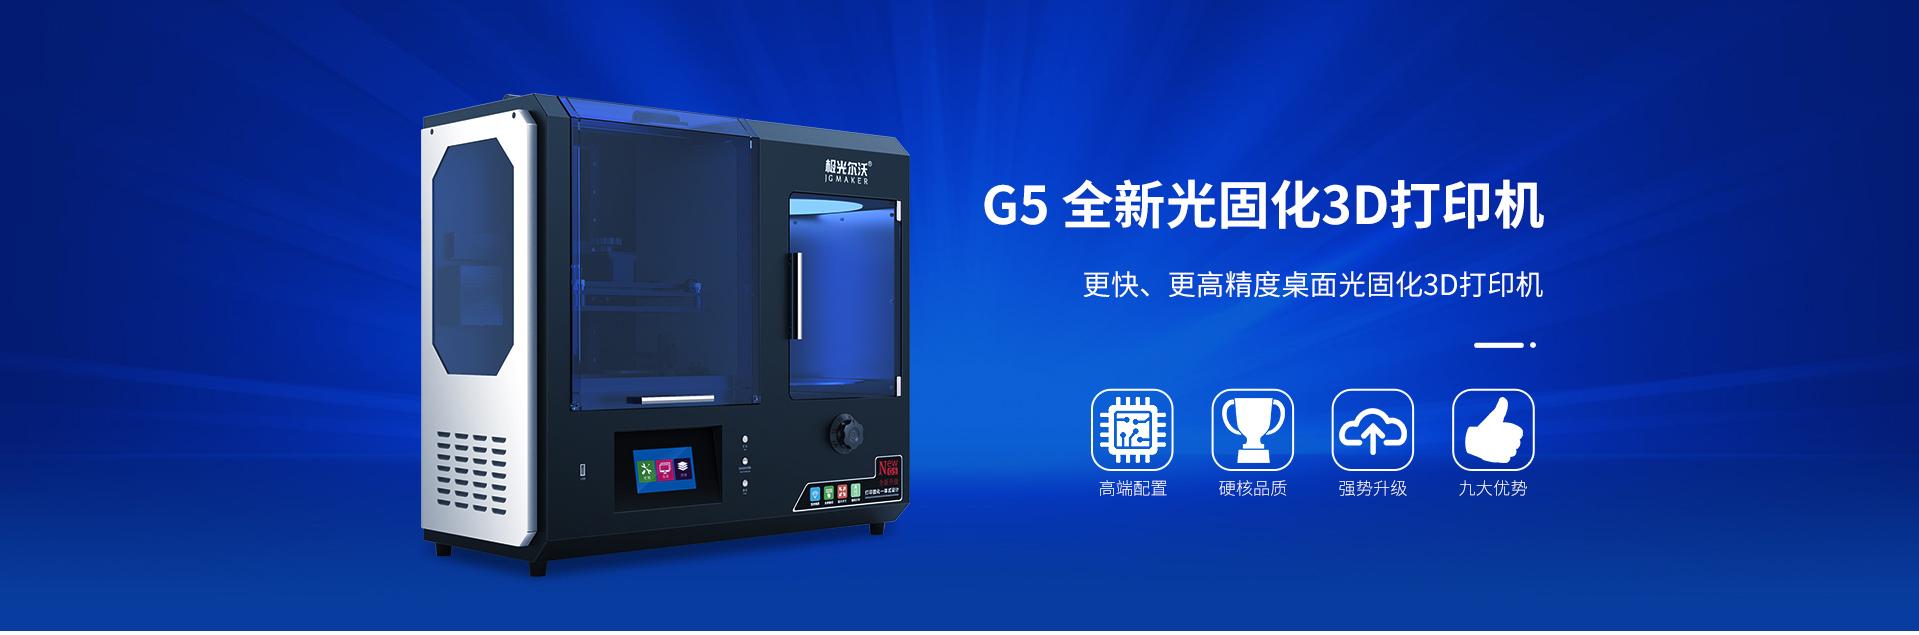 極光爾沃:教你如何提高光固化3D打印機打印模型的精度